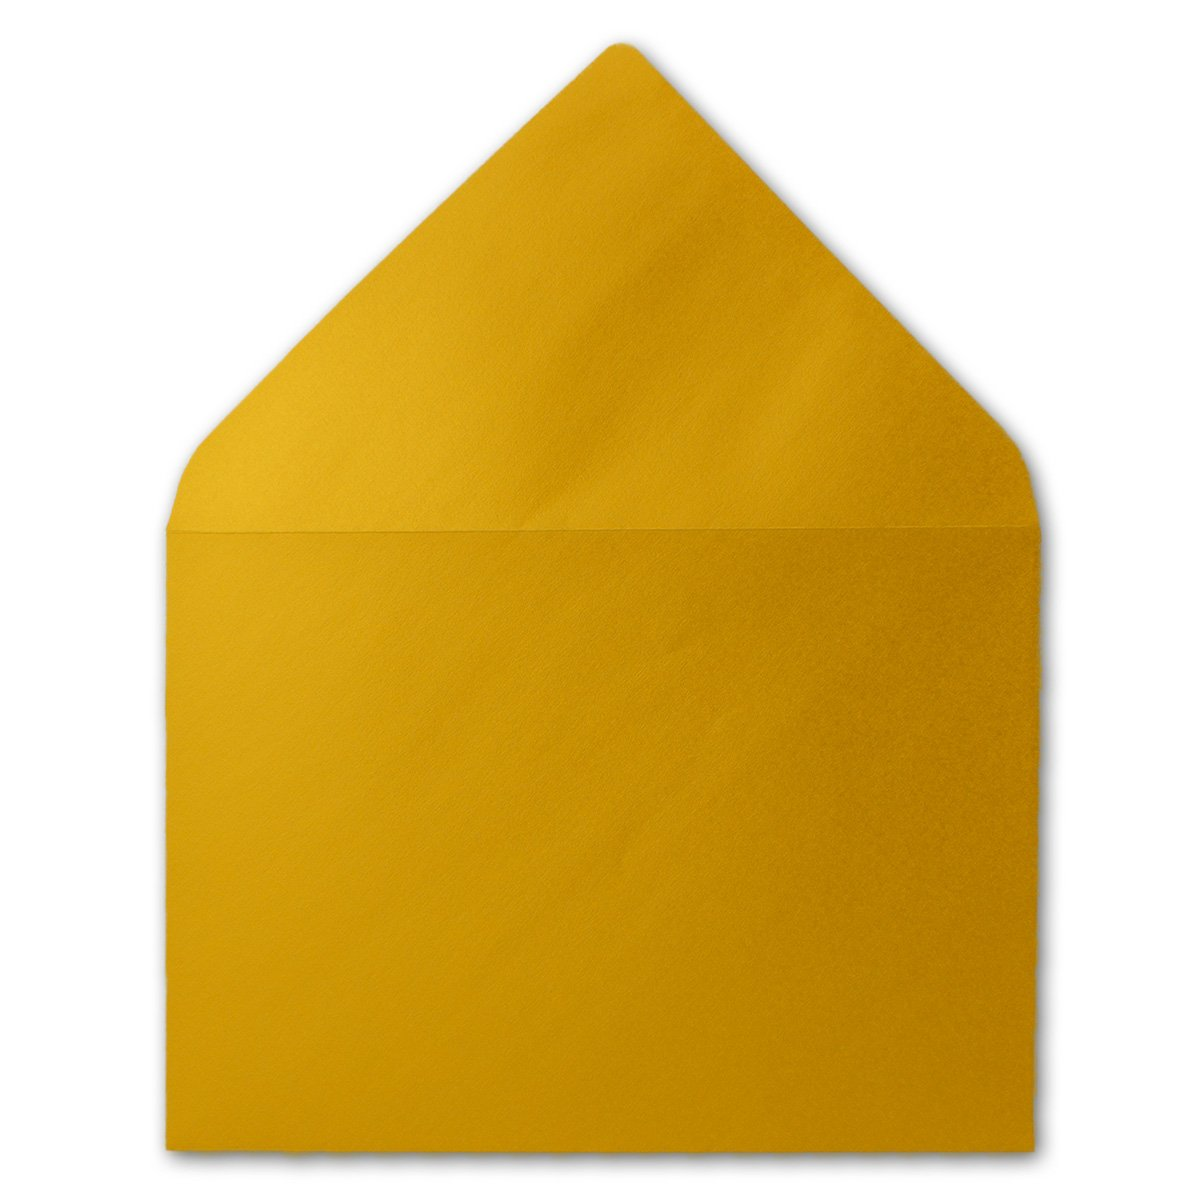 Brief-Umschläge in Nachtblau     150 Stück   DIN C5 KuGrüns 220 x 154 mm - Nassklebung ohne Fenster - Weihnachten, Grußkarten   Serie FarbenFroh® B07BPWFCZS Grukarten & Einladungsumschlge Bekannt für seine schöne Qualität fe739a